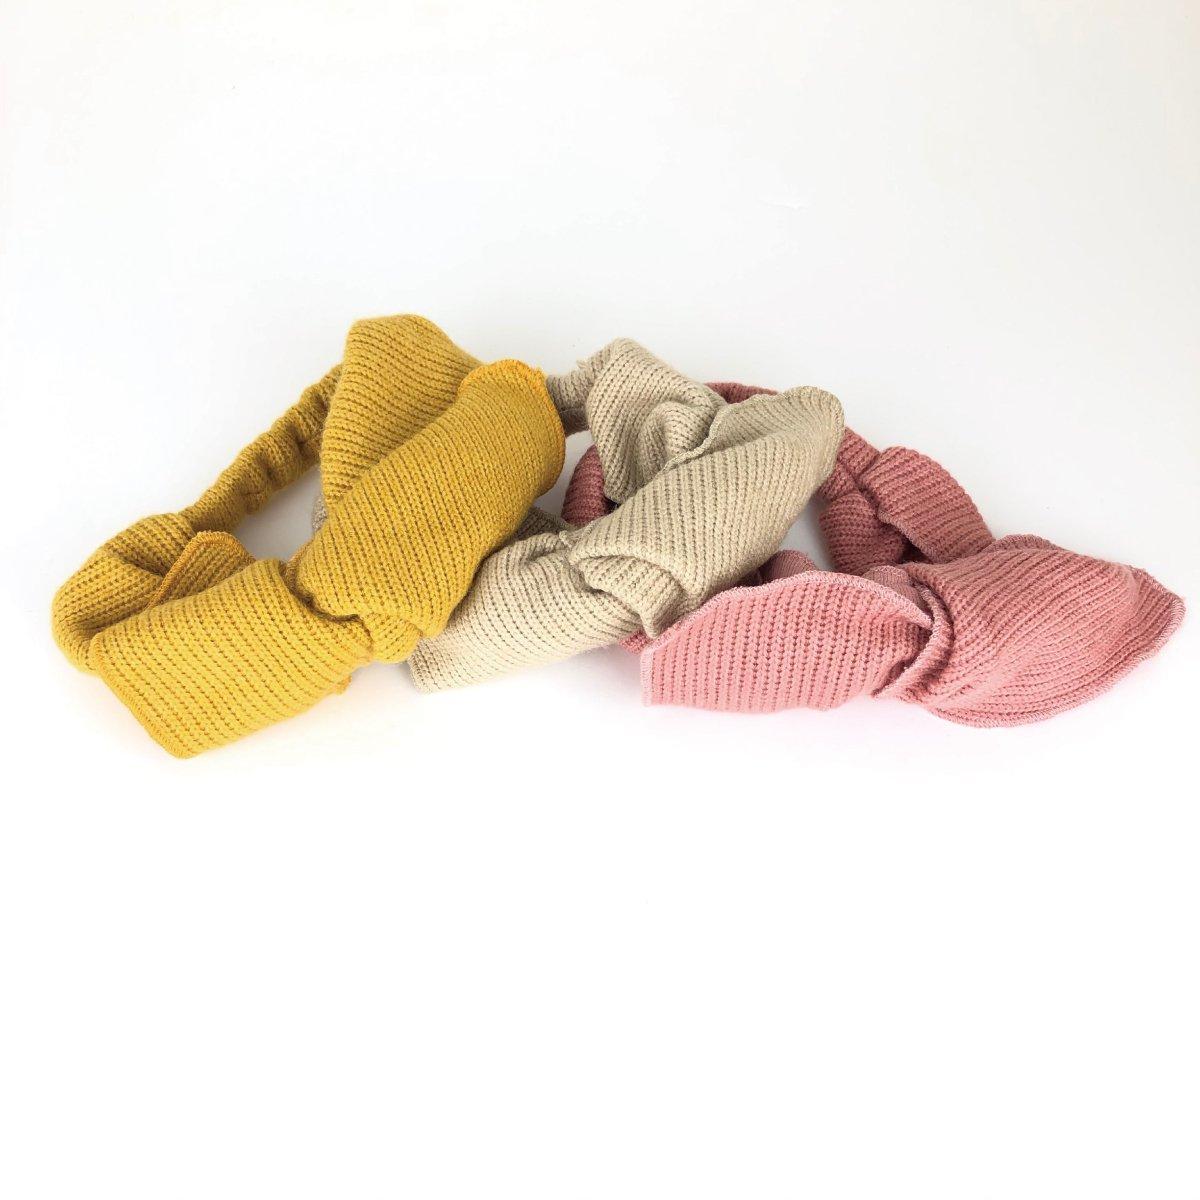 【BABY】Baby Knit Turban 詳細画像4